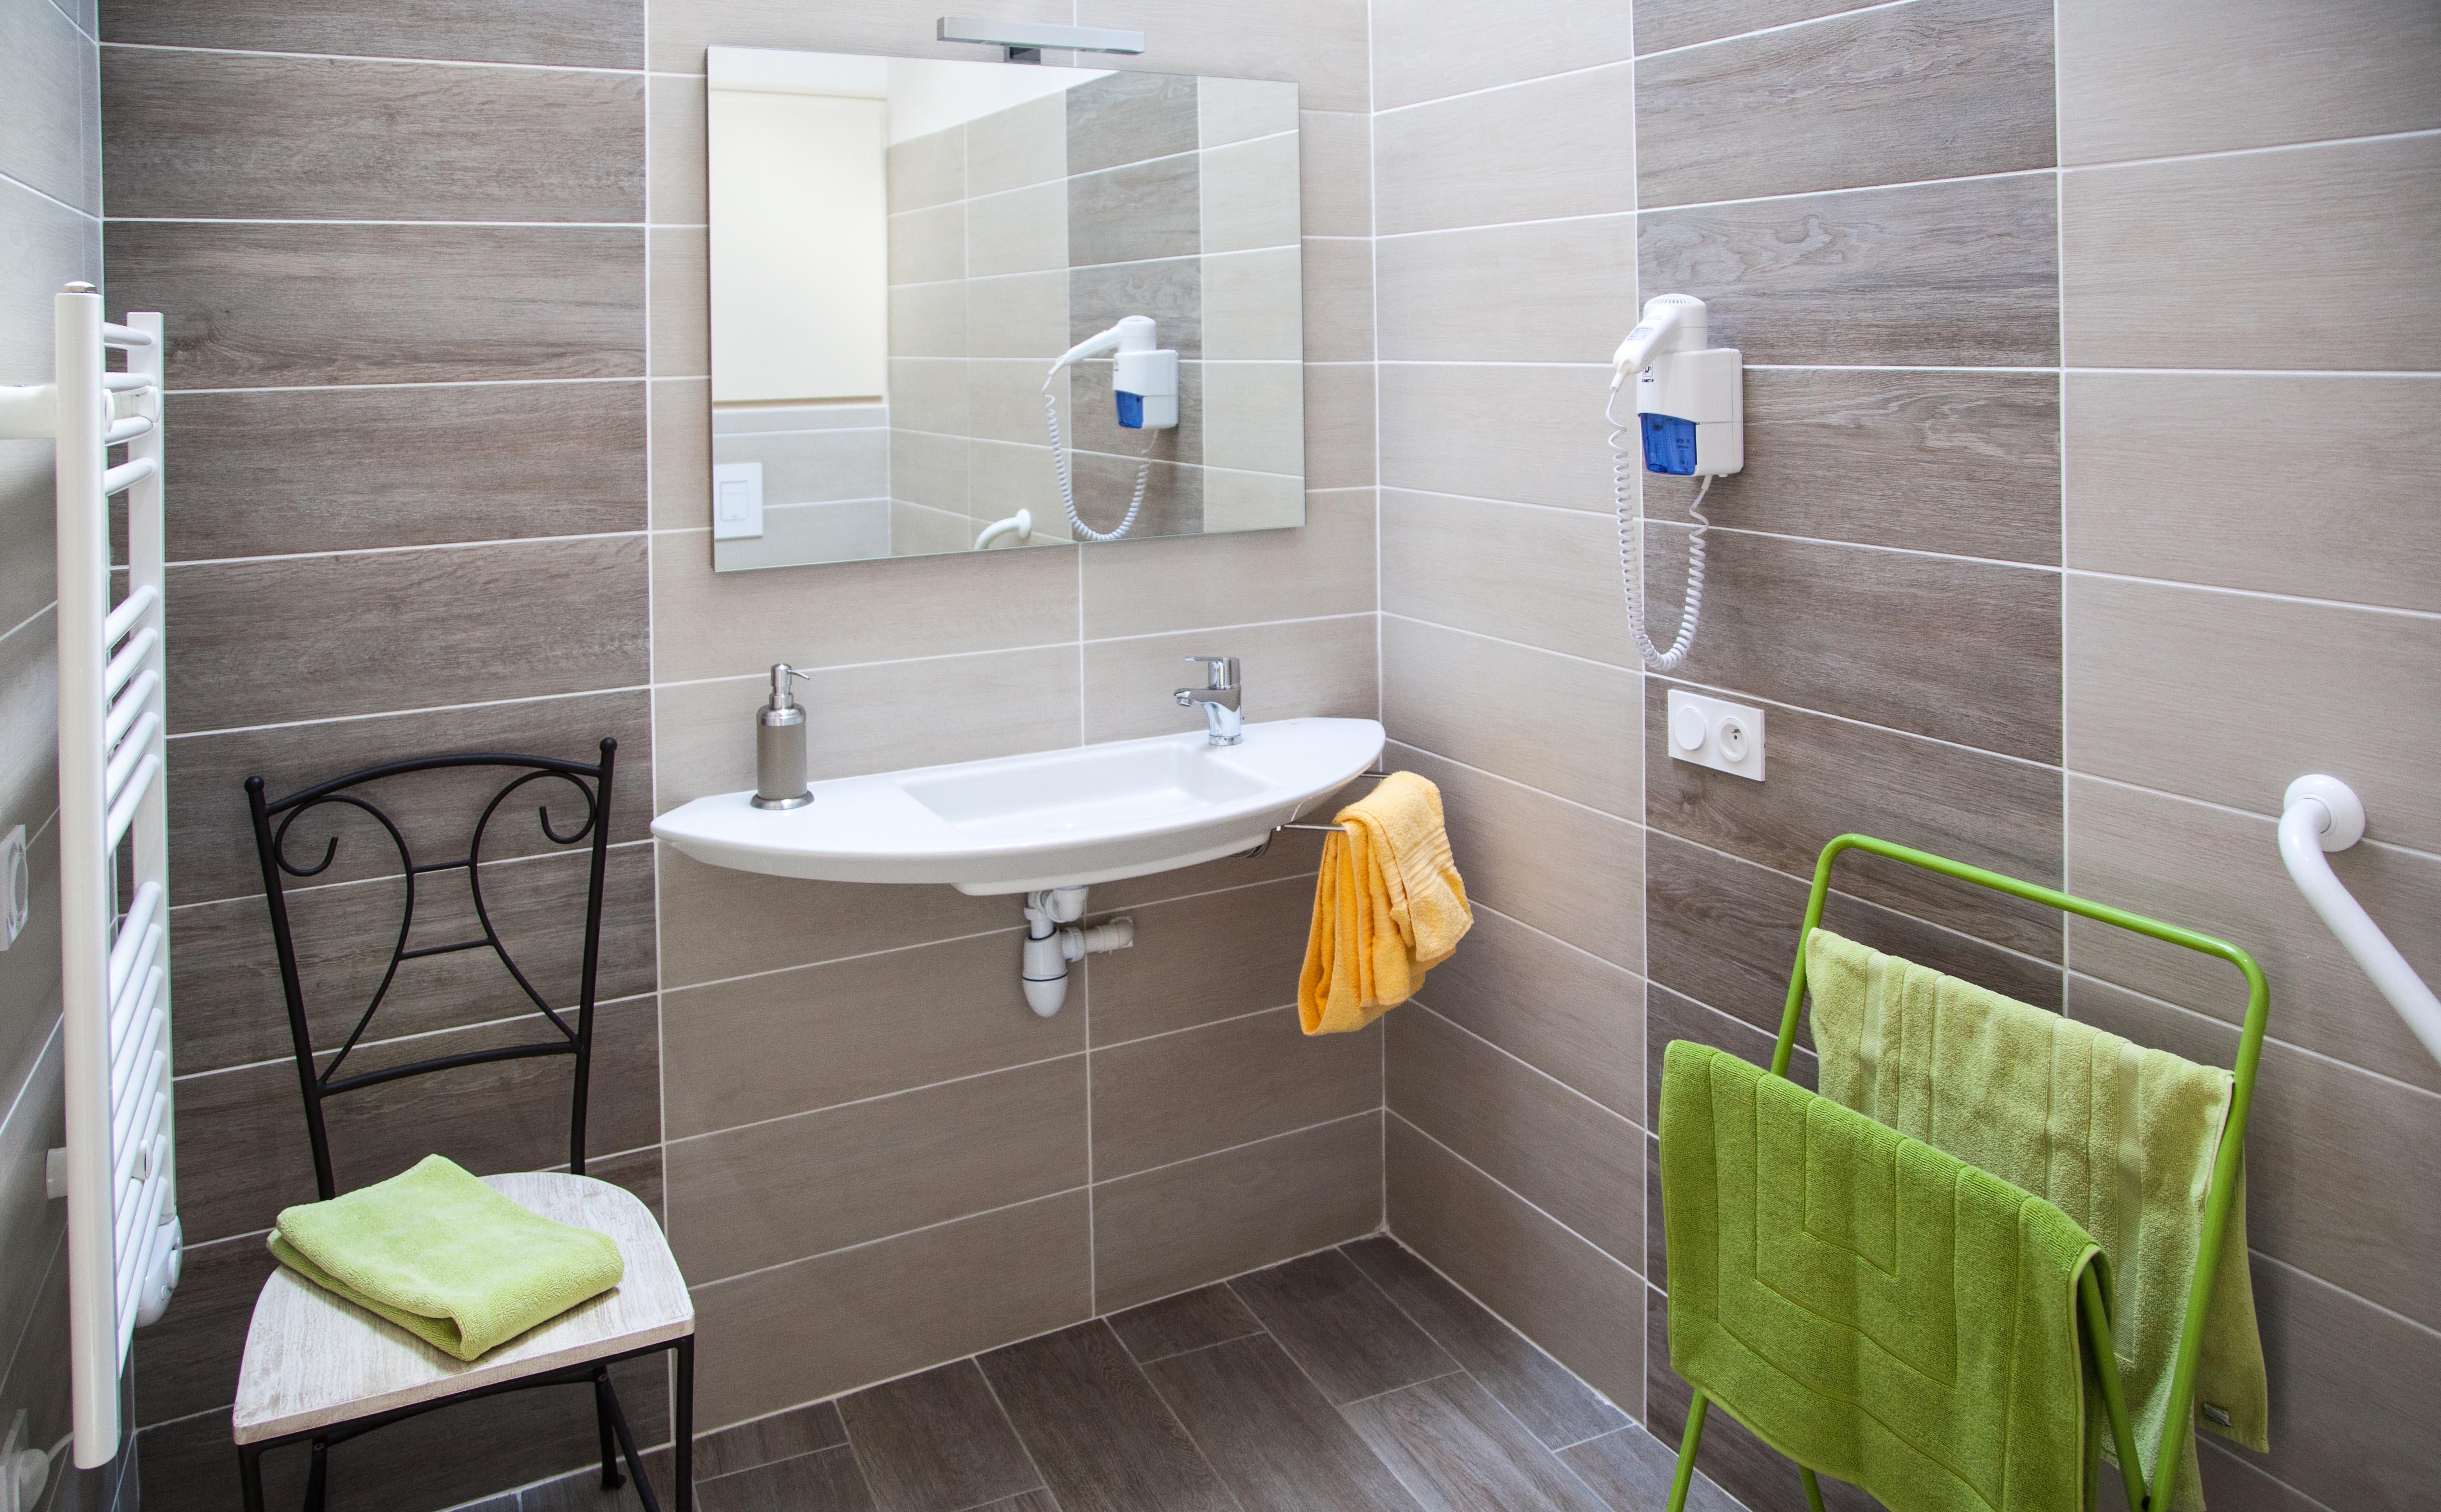 chambre d 39 hotes chiron annie le bois dormir puy du fou dormir vend e vall e. Black Bedroom Furniture Sets. Home Design Ideas